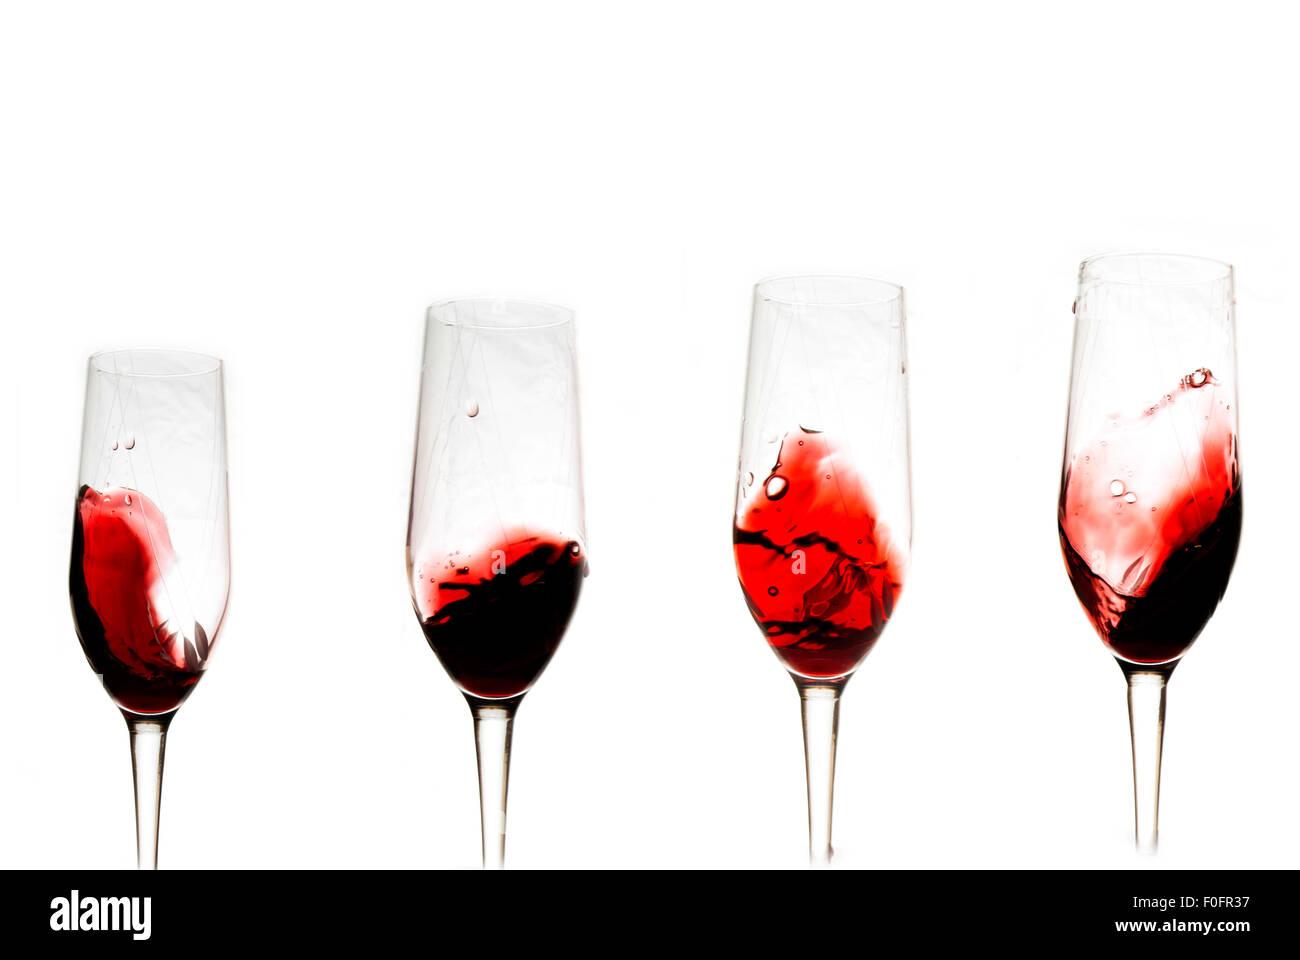 Verre De Vin Blanc Et De Vin Rouge Fond Blanc Cin Cin Prosit Bonne Annee Pain Grille Photo Stock Alamy